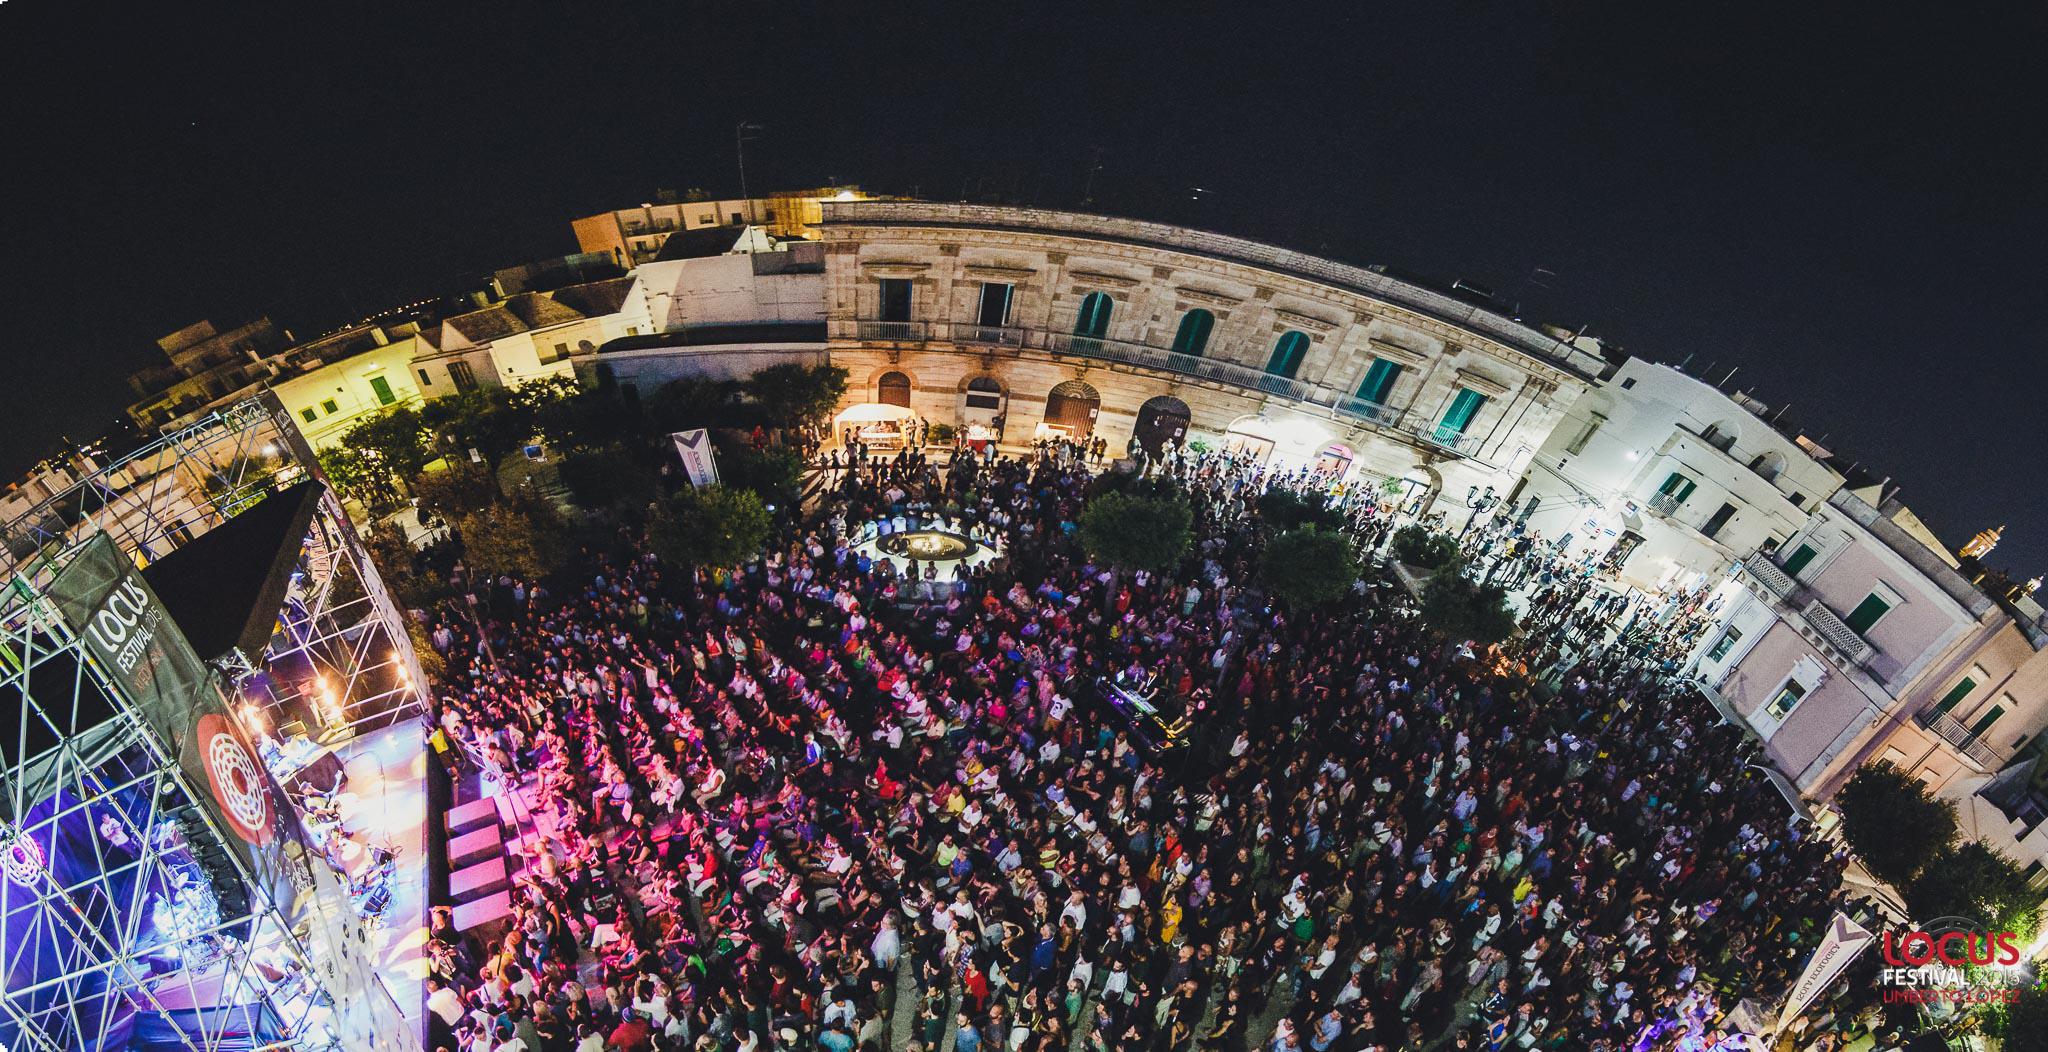 Locus-festival-locorotondo